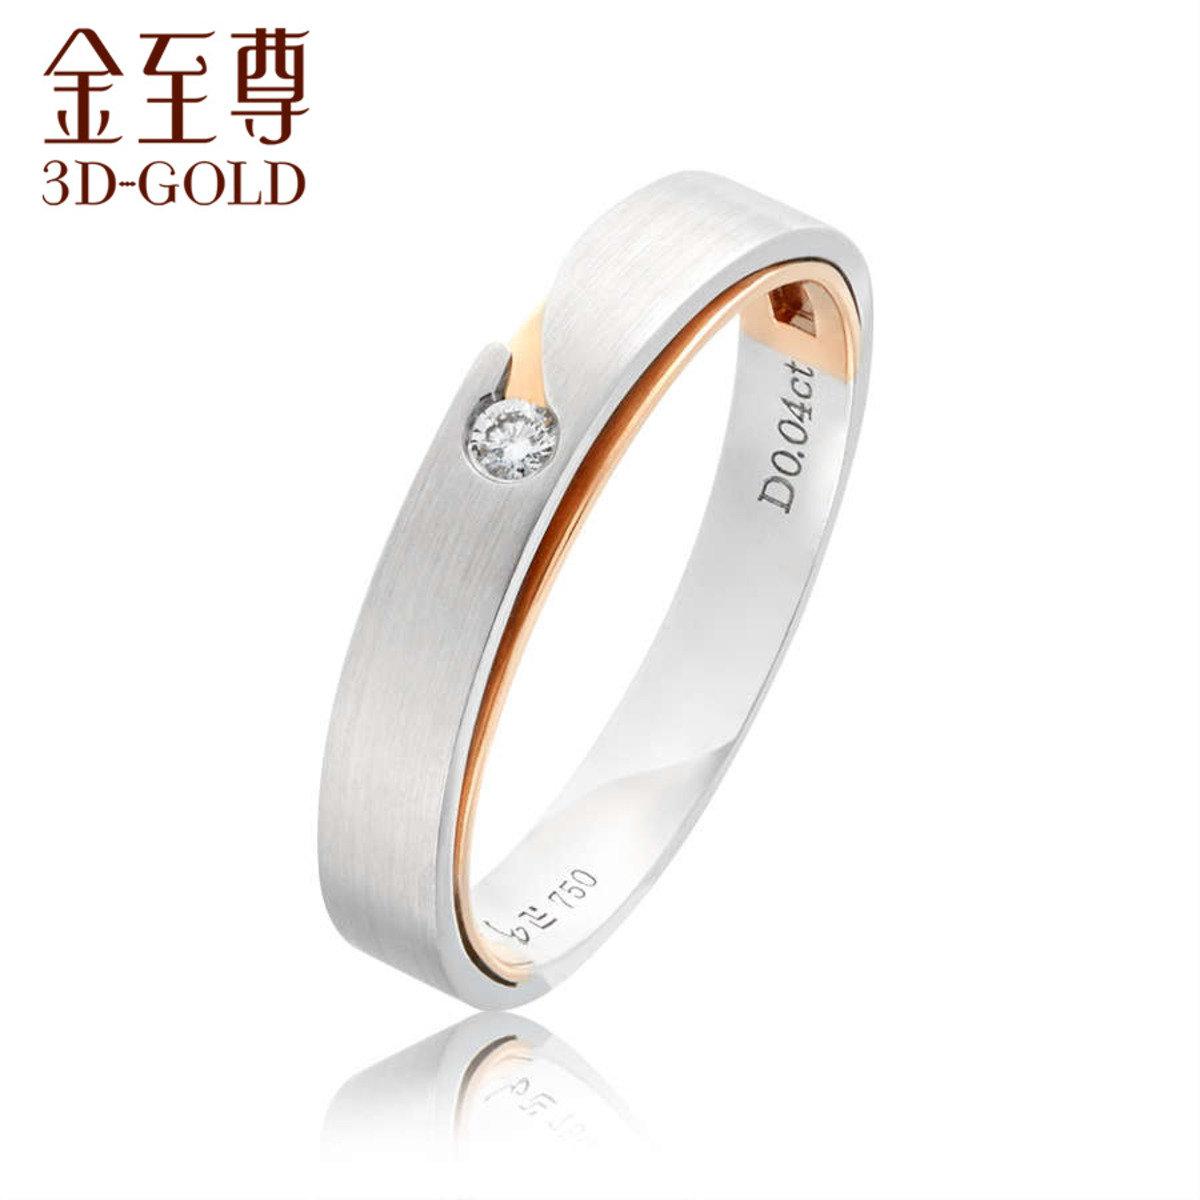 18K/750金(分色)鑲鑽石情侶戒指